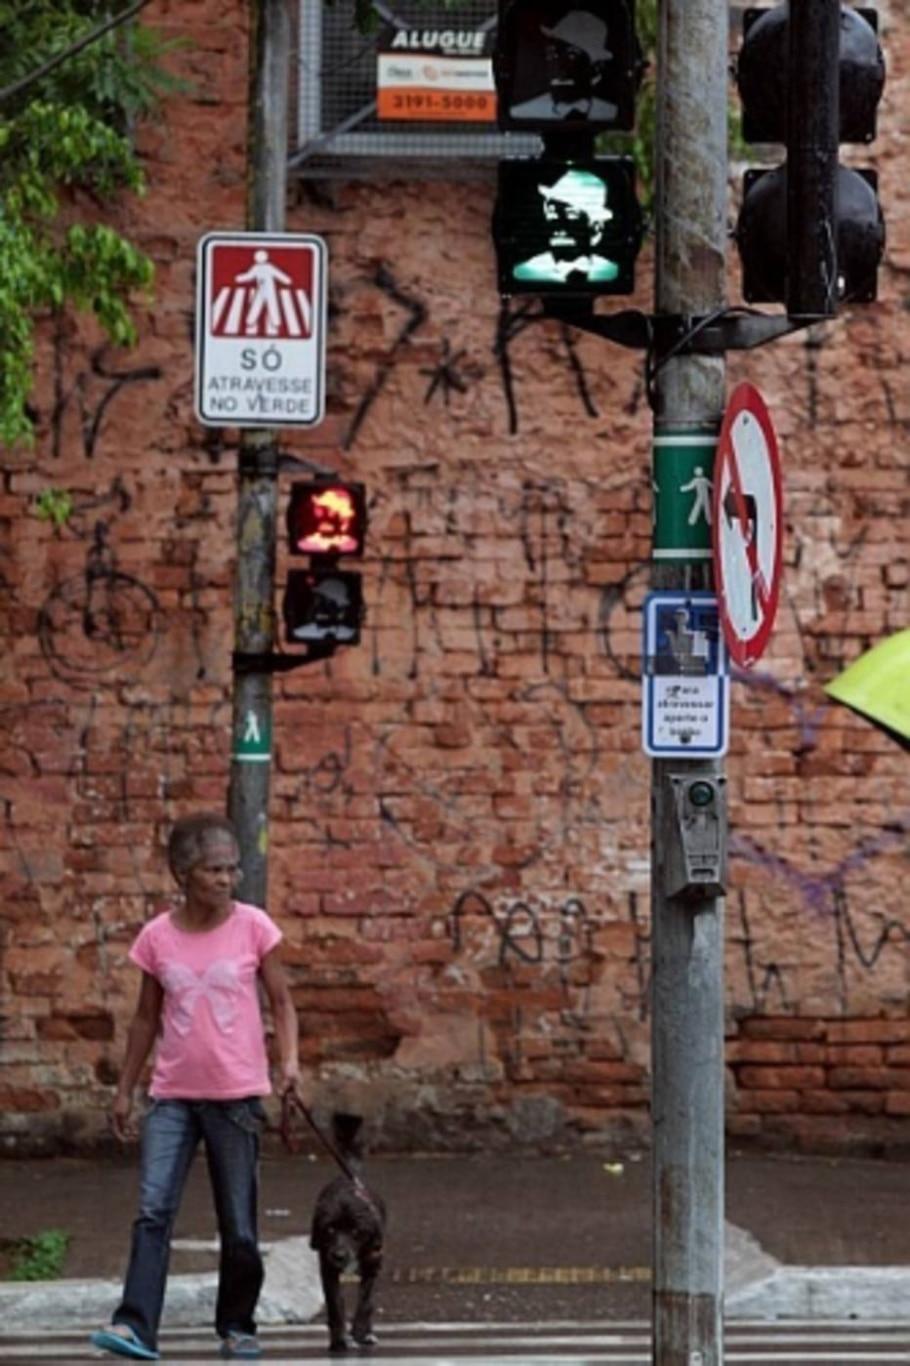 Sinais com silhueta do sambista estão no bairro do Bexiga, em SP - Márcio Fernandes/Estadão